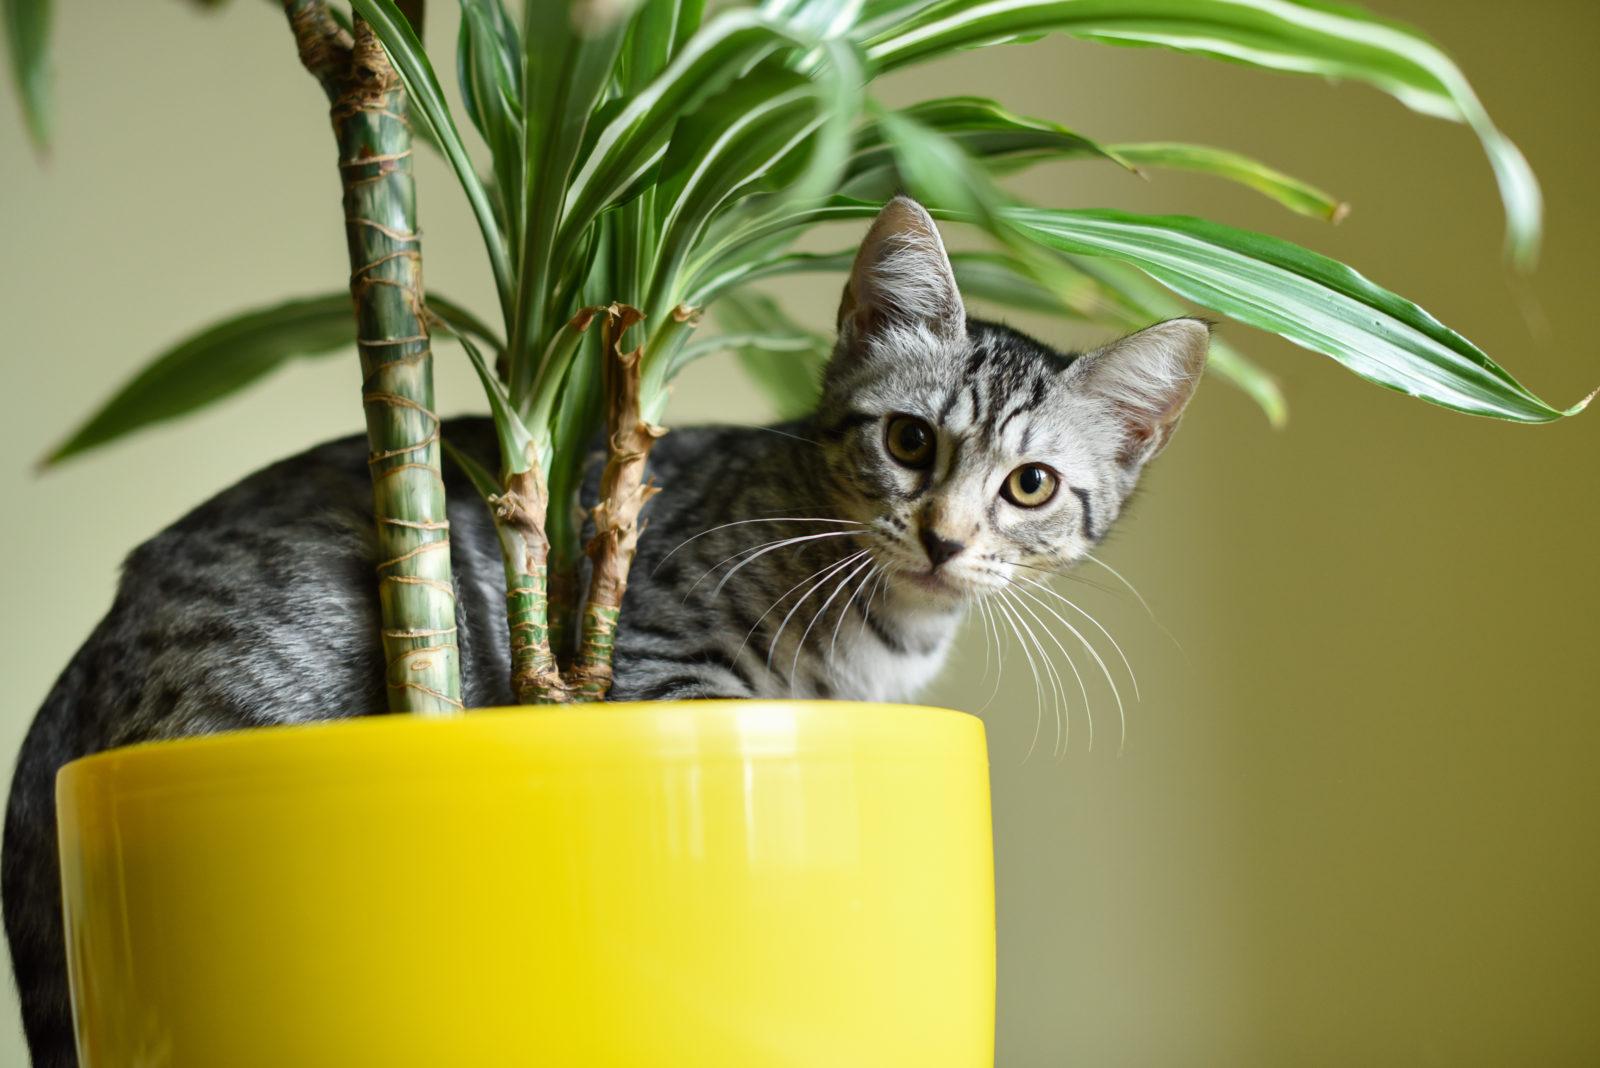 lavendel giftig für katzen